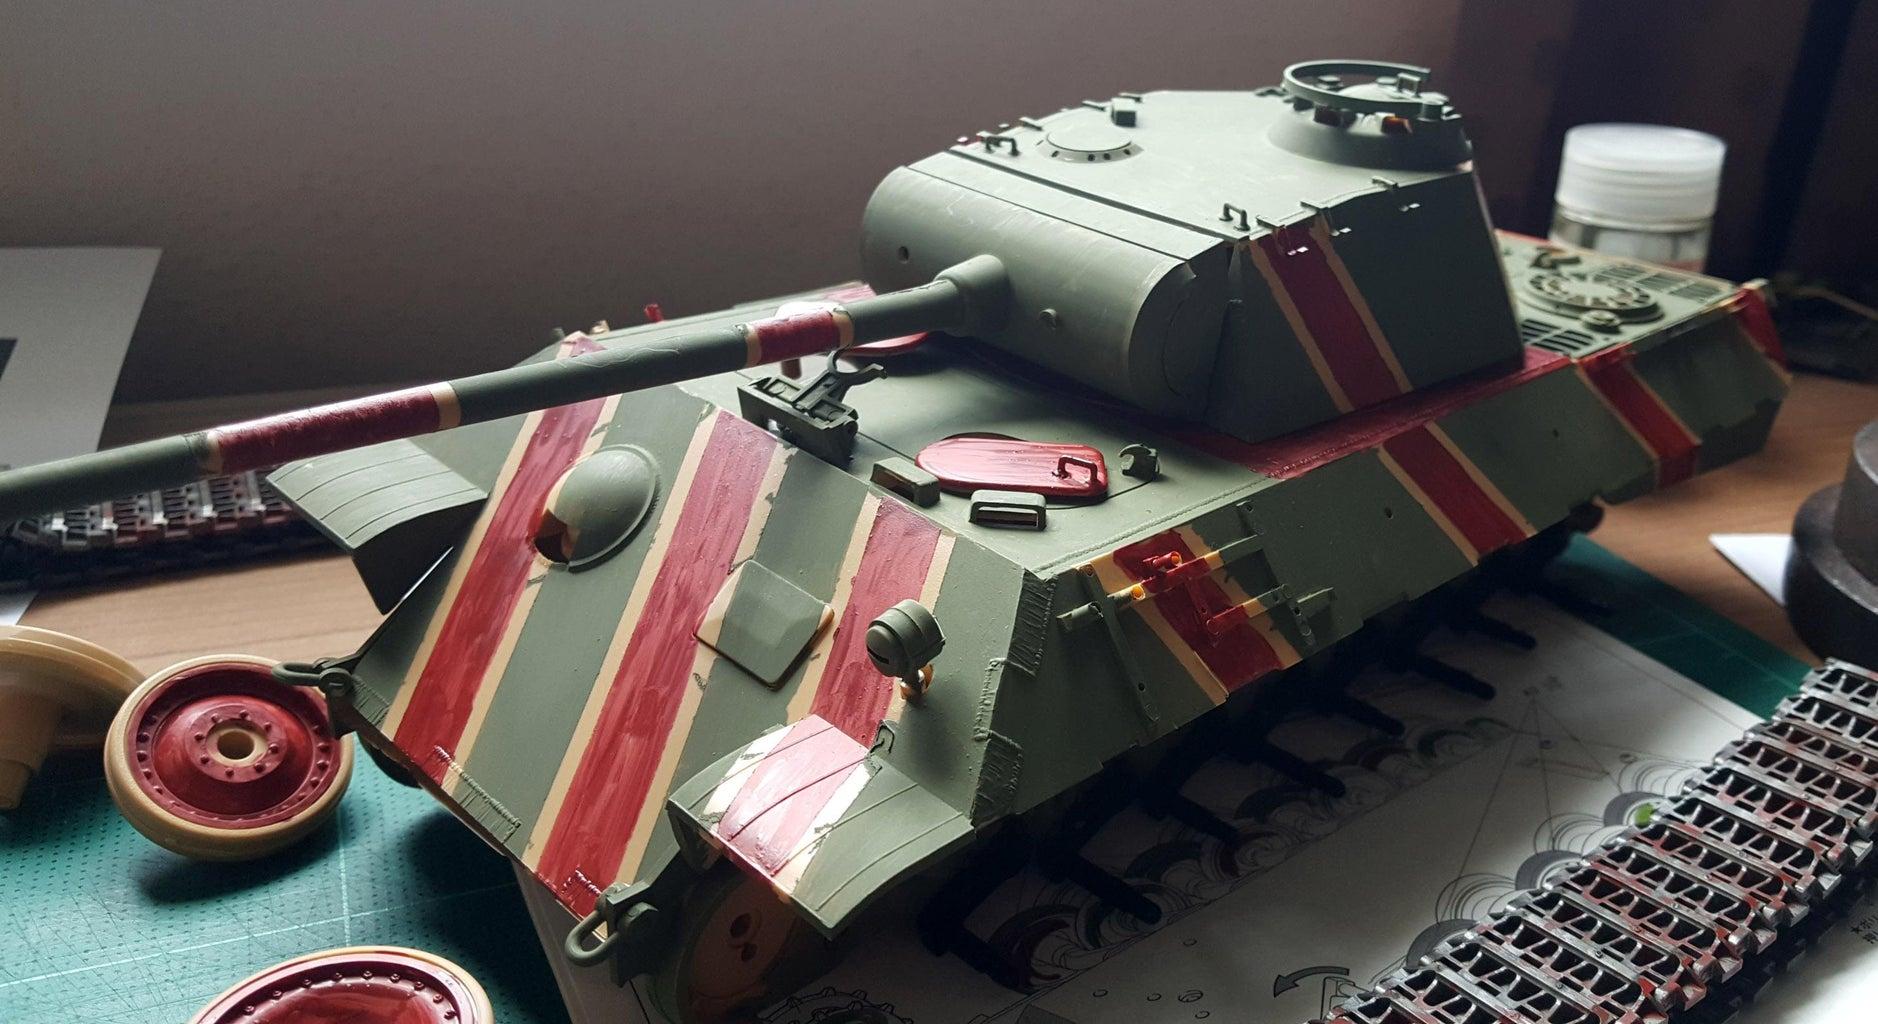 Paint Color Scheme of the Tank.